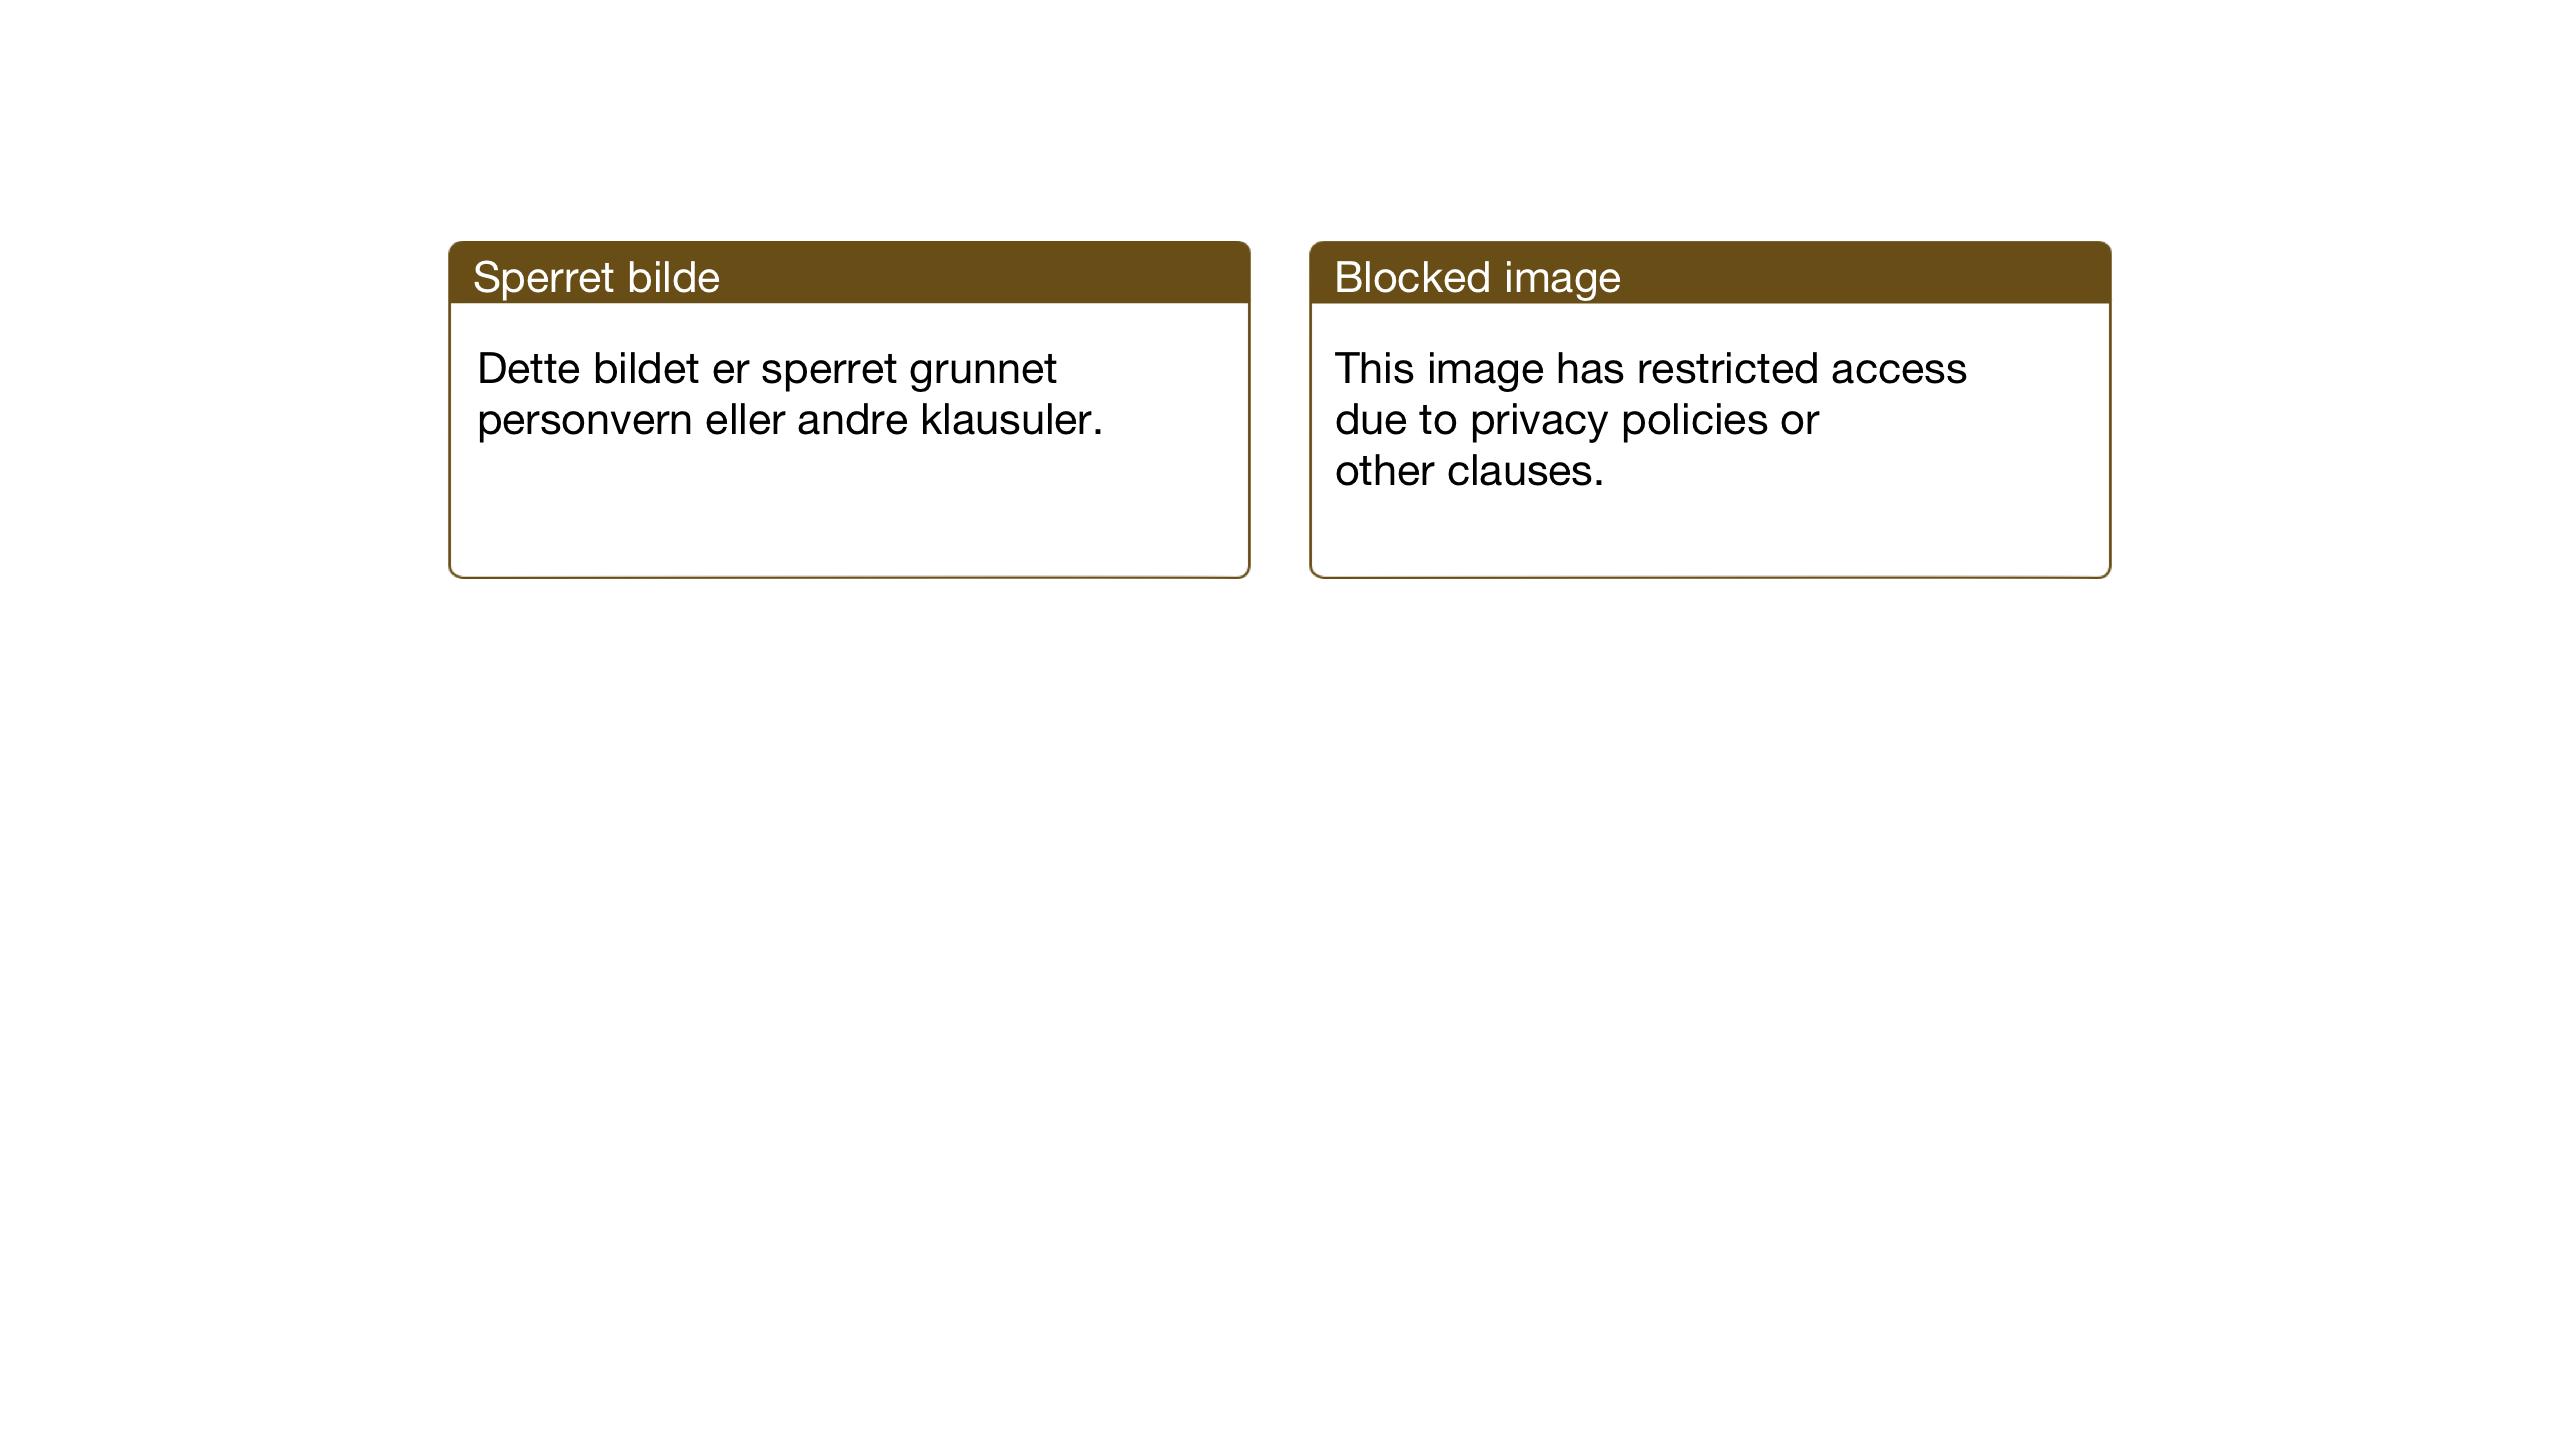 SAT, Ministerialprotokoller, klokkerbøker og fødselsregistre - Sør-Trøndelag, 669/L0832: Klokkerbok nr. 669C02, 1925-1953, s. 71